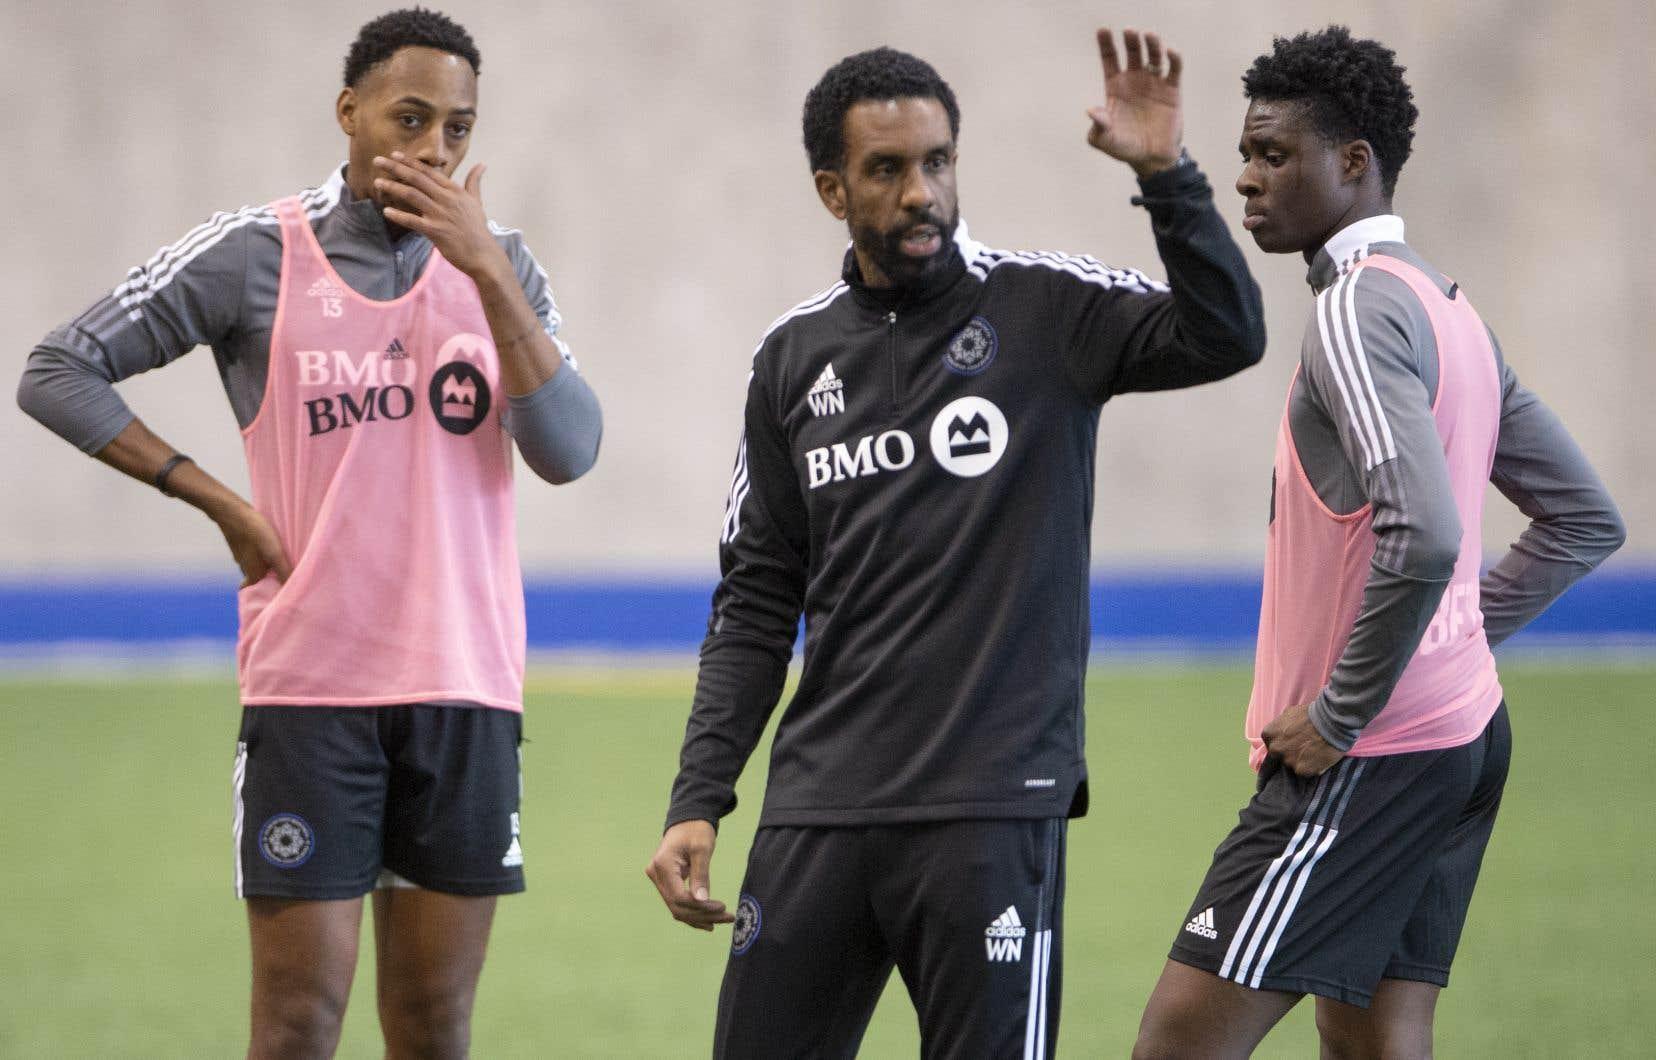 L'entraîneur a également indiqué qu'il nommerait un capitaine au cours des prochains jours.